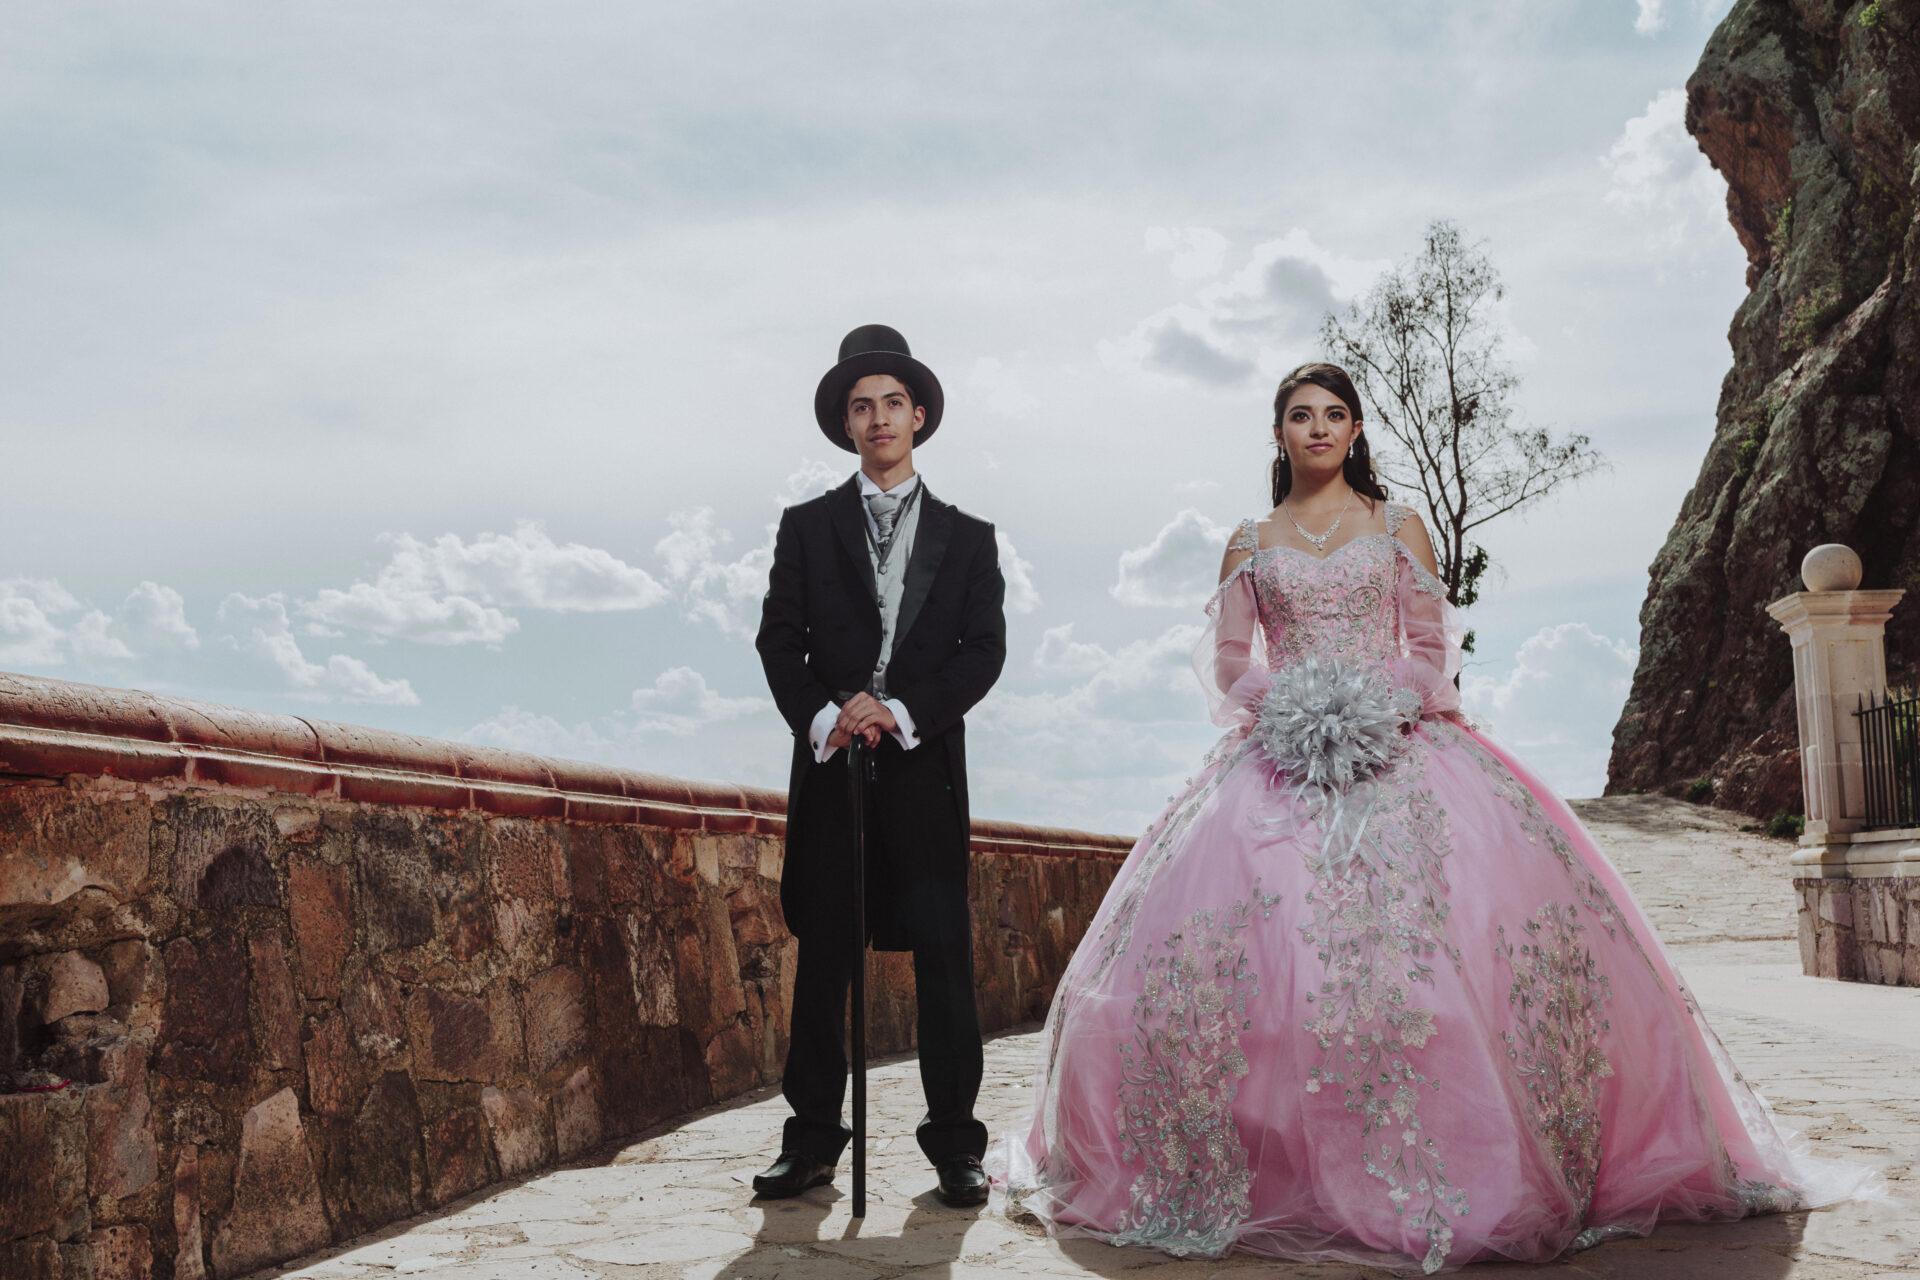 javier_noriega_fotografo_bodas_zacatecas_xv_años_don_miguel00003